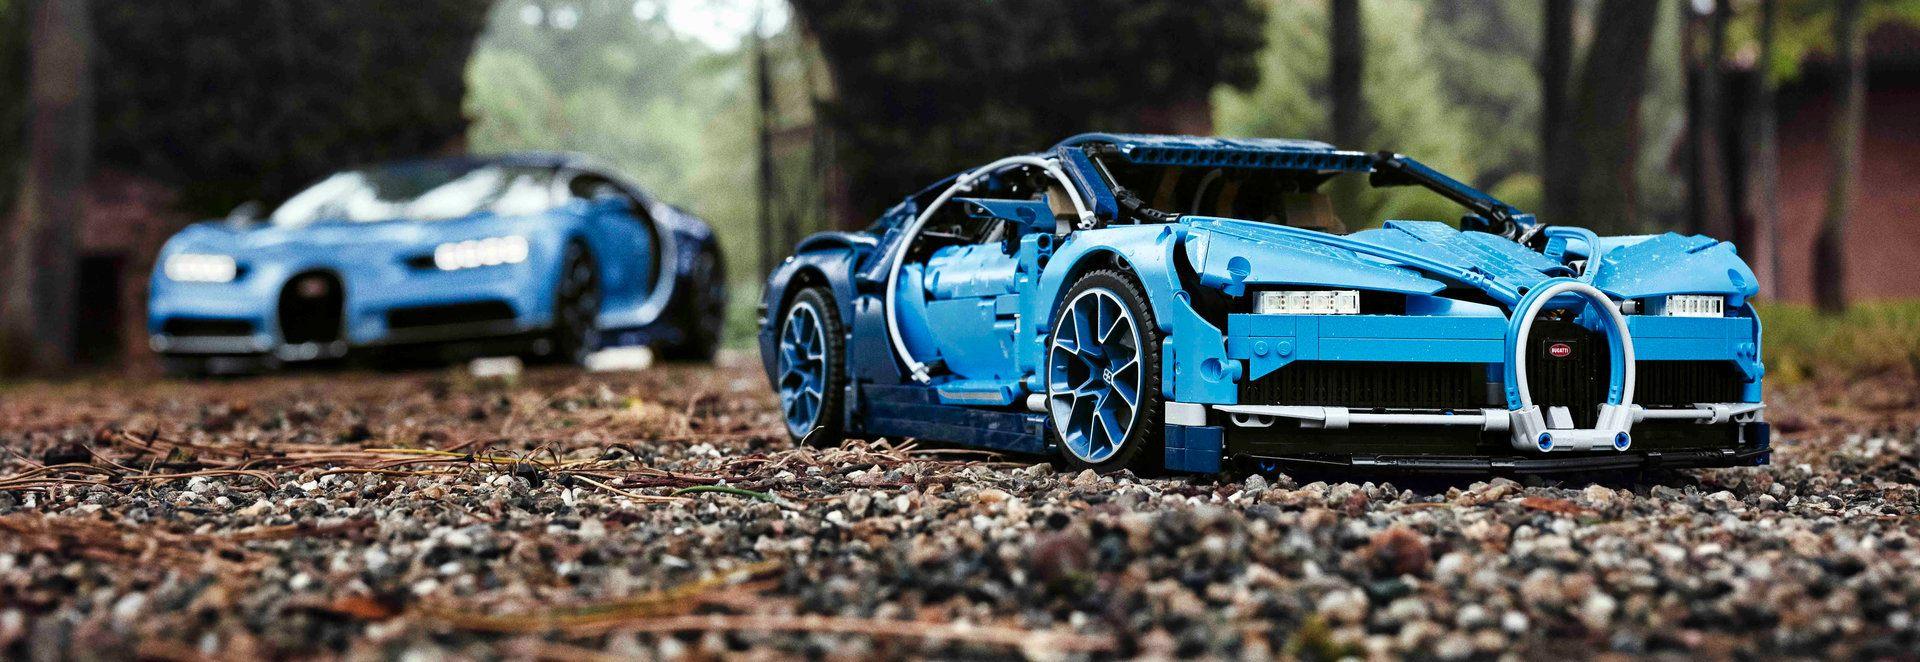 Llega el Bugatti Chiron para el resto de los mortales